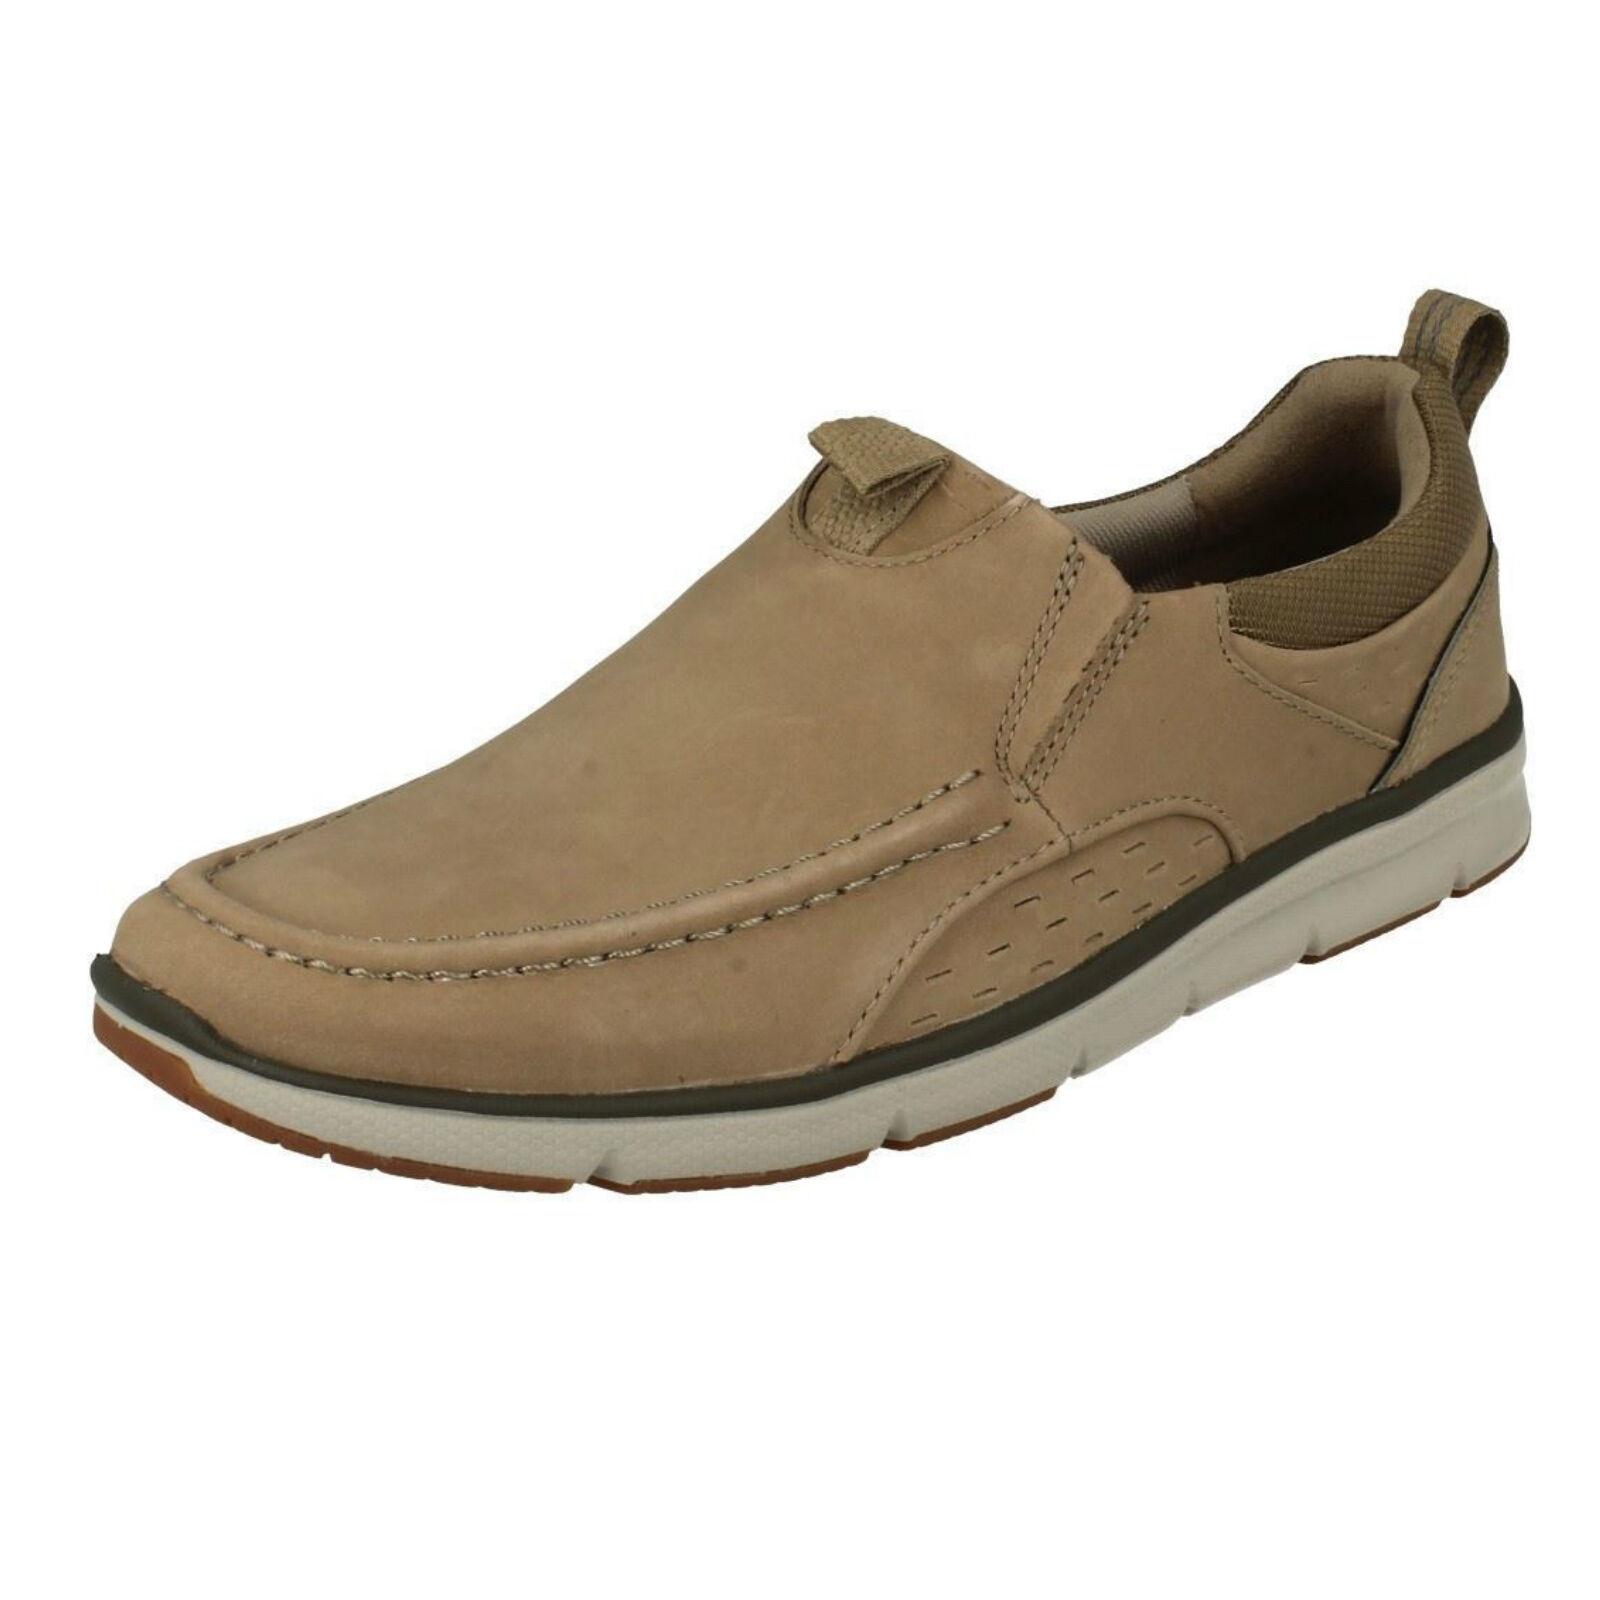 Hombre CLARKS ORSON Fila Cordones Arena Nubuck Zapatos Sin Cordones Fila Casuales b549e5